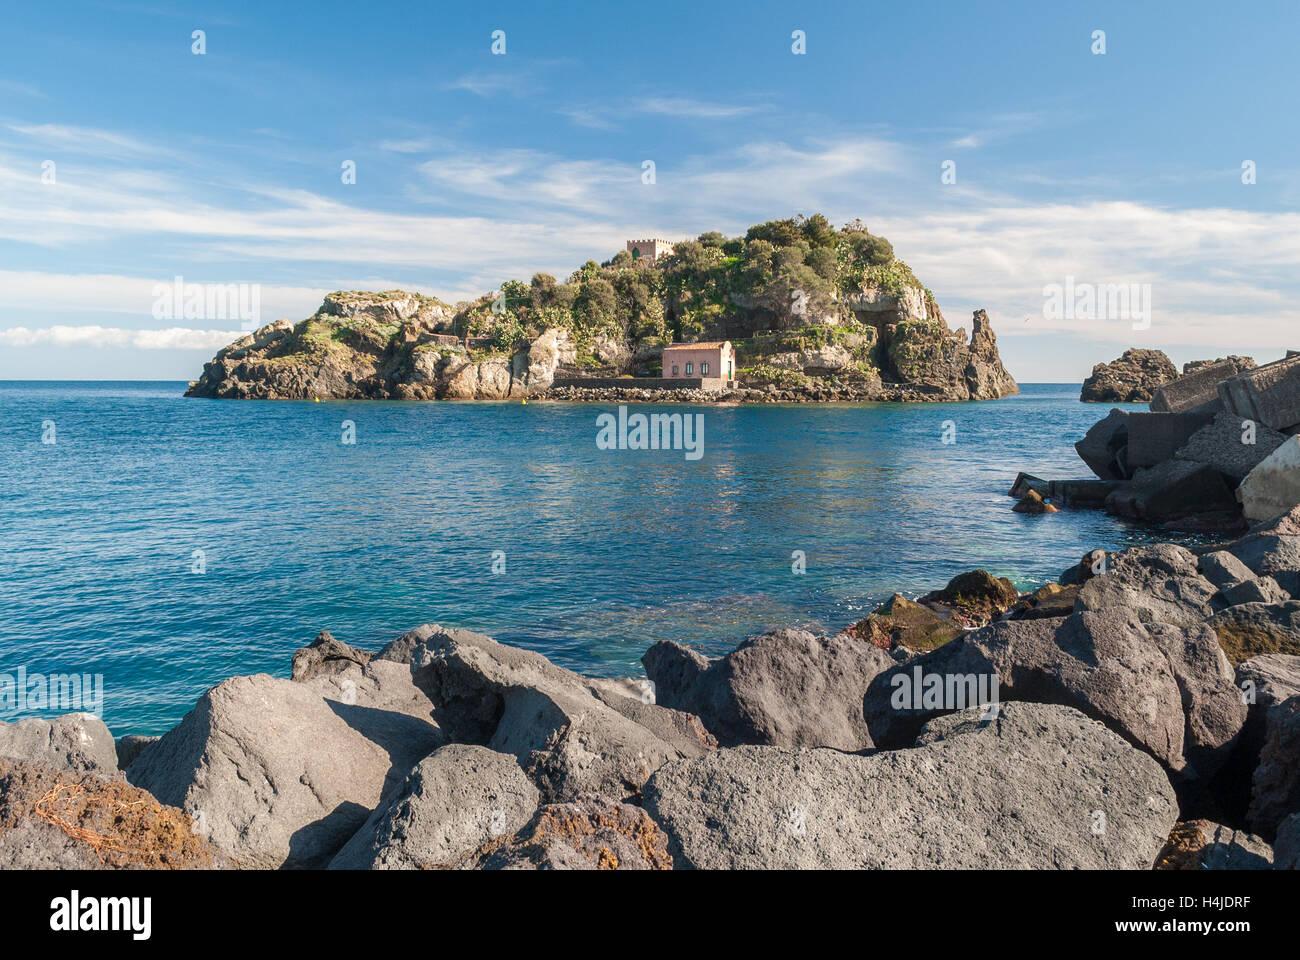 Island Lachea in Acitrezza, touristic town in Sicily - Stock Image